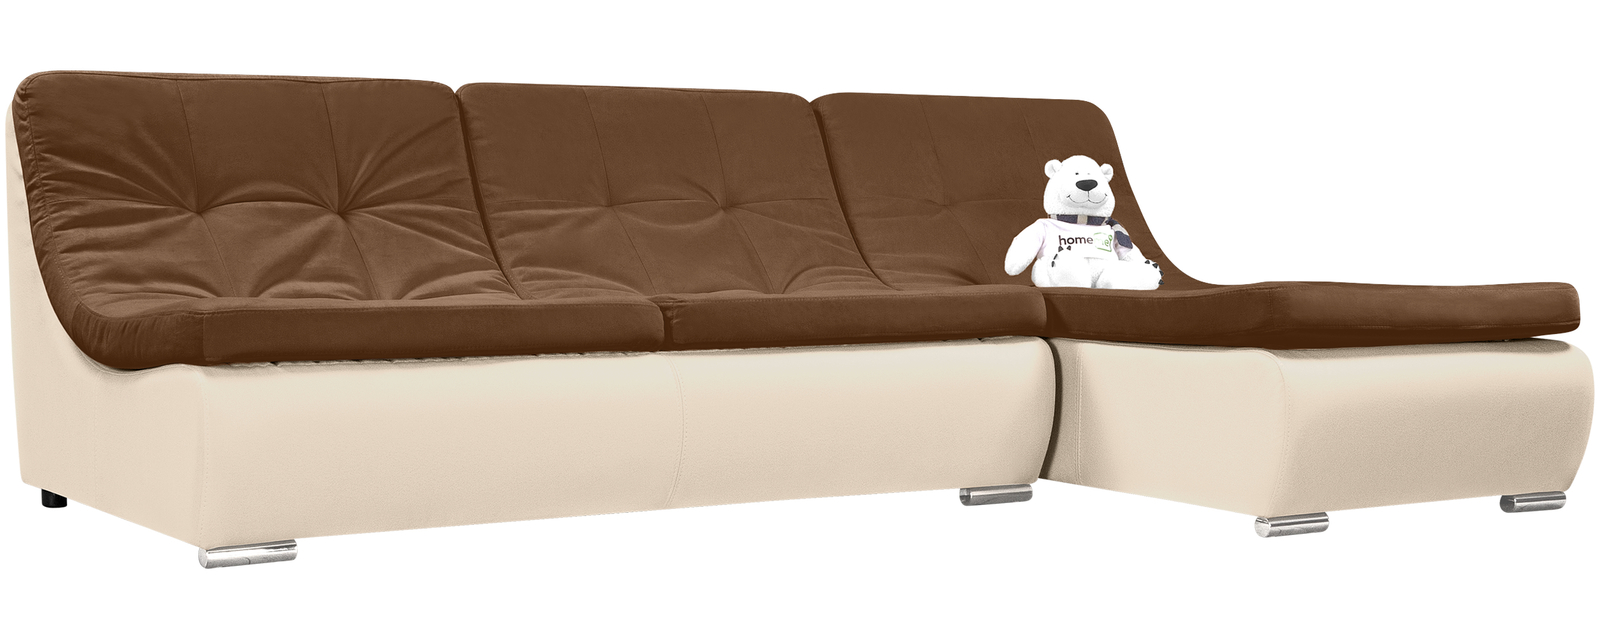 описание Модульный диван Лос-Анджелес Velure коричневый Вариант 1 (Велюр + Экокожа)